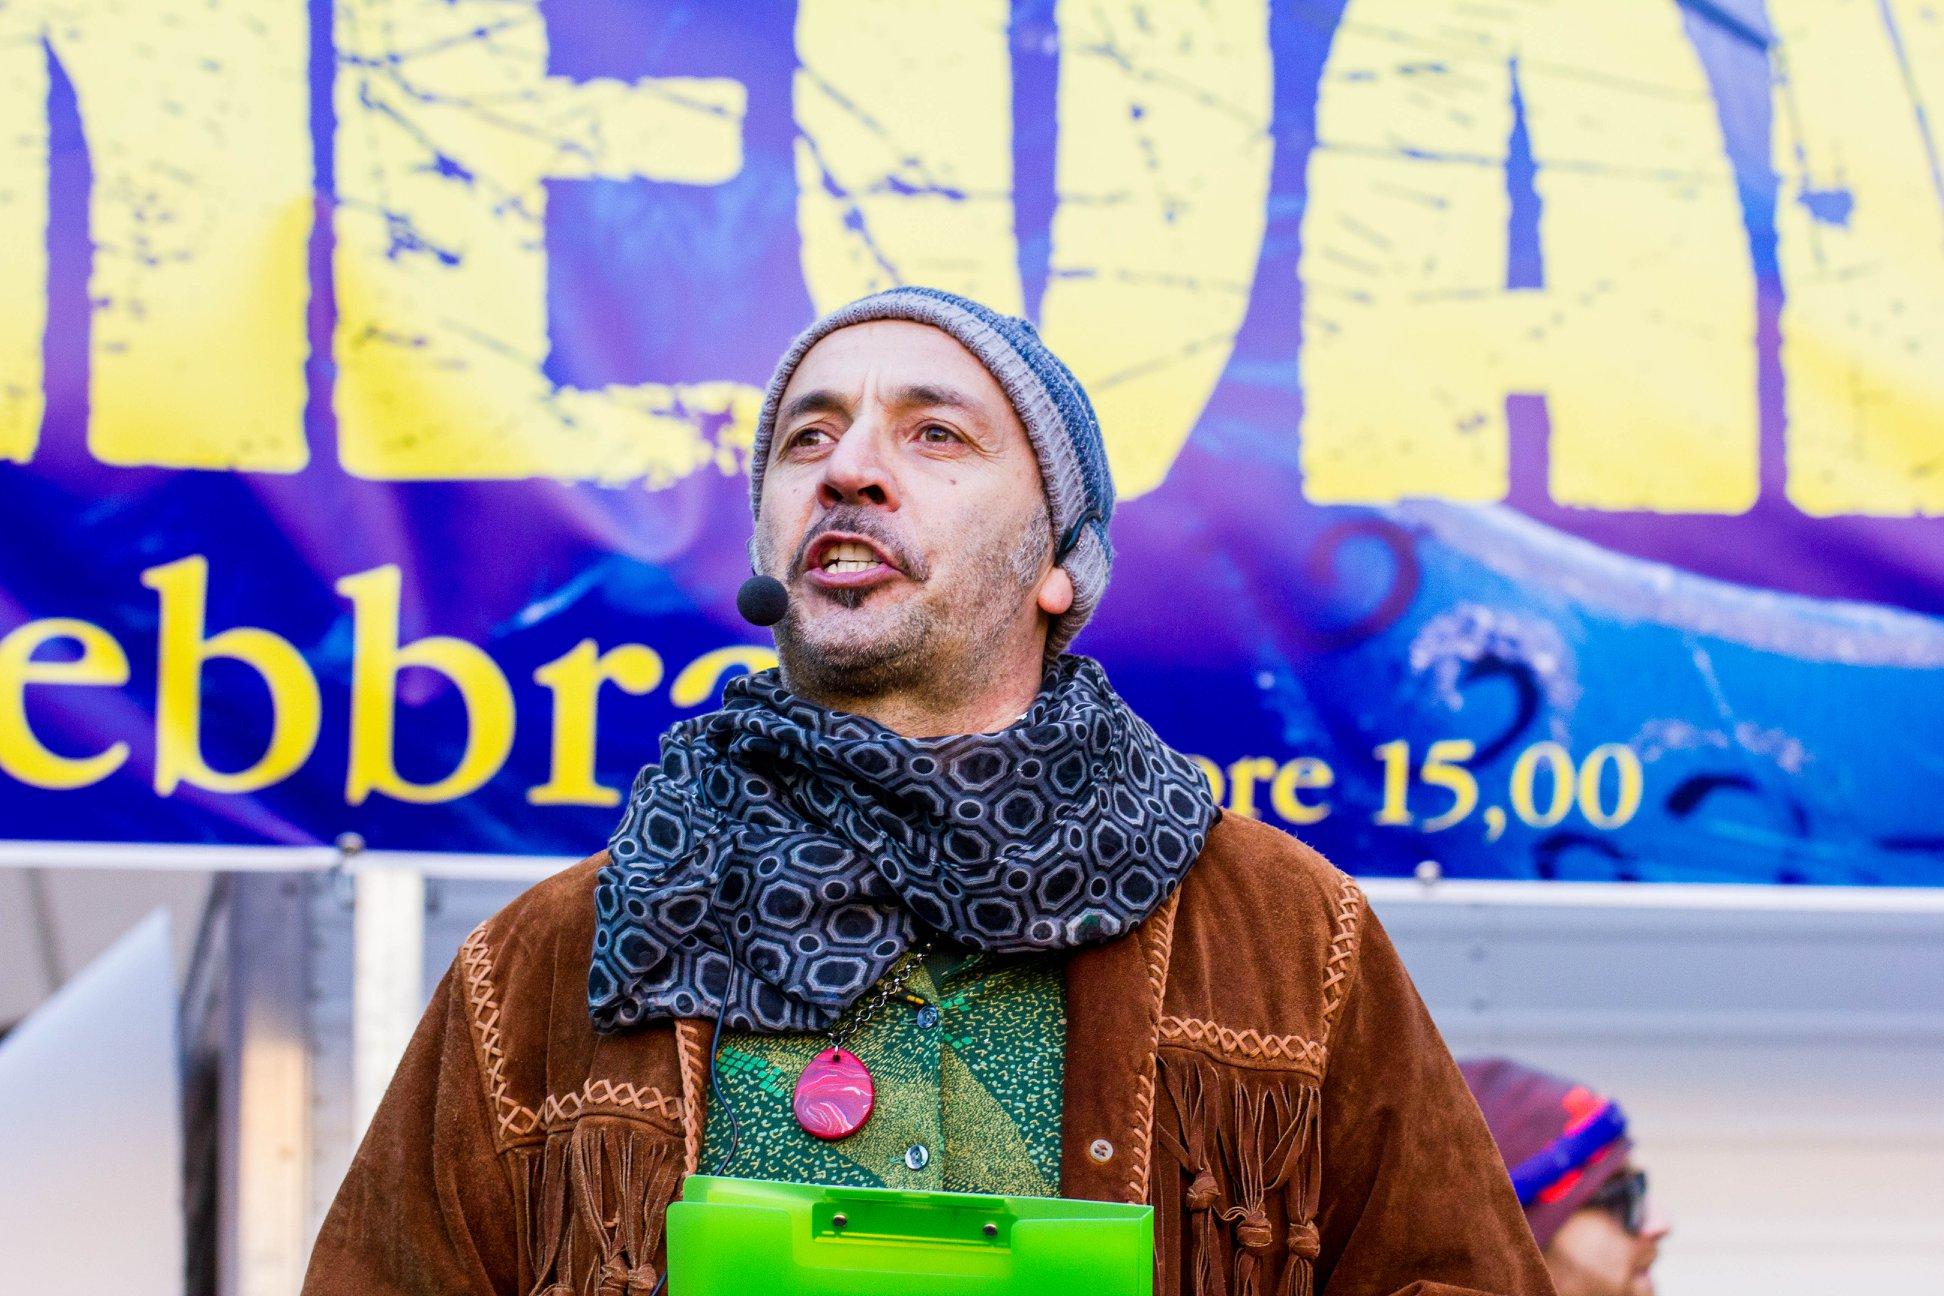 """Carnevale 2018, il vero """"evento popolare"""": Lucio Matteucci: """"Ma state tranquilli non mi candido, sono ancora troppo giovane"""""""